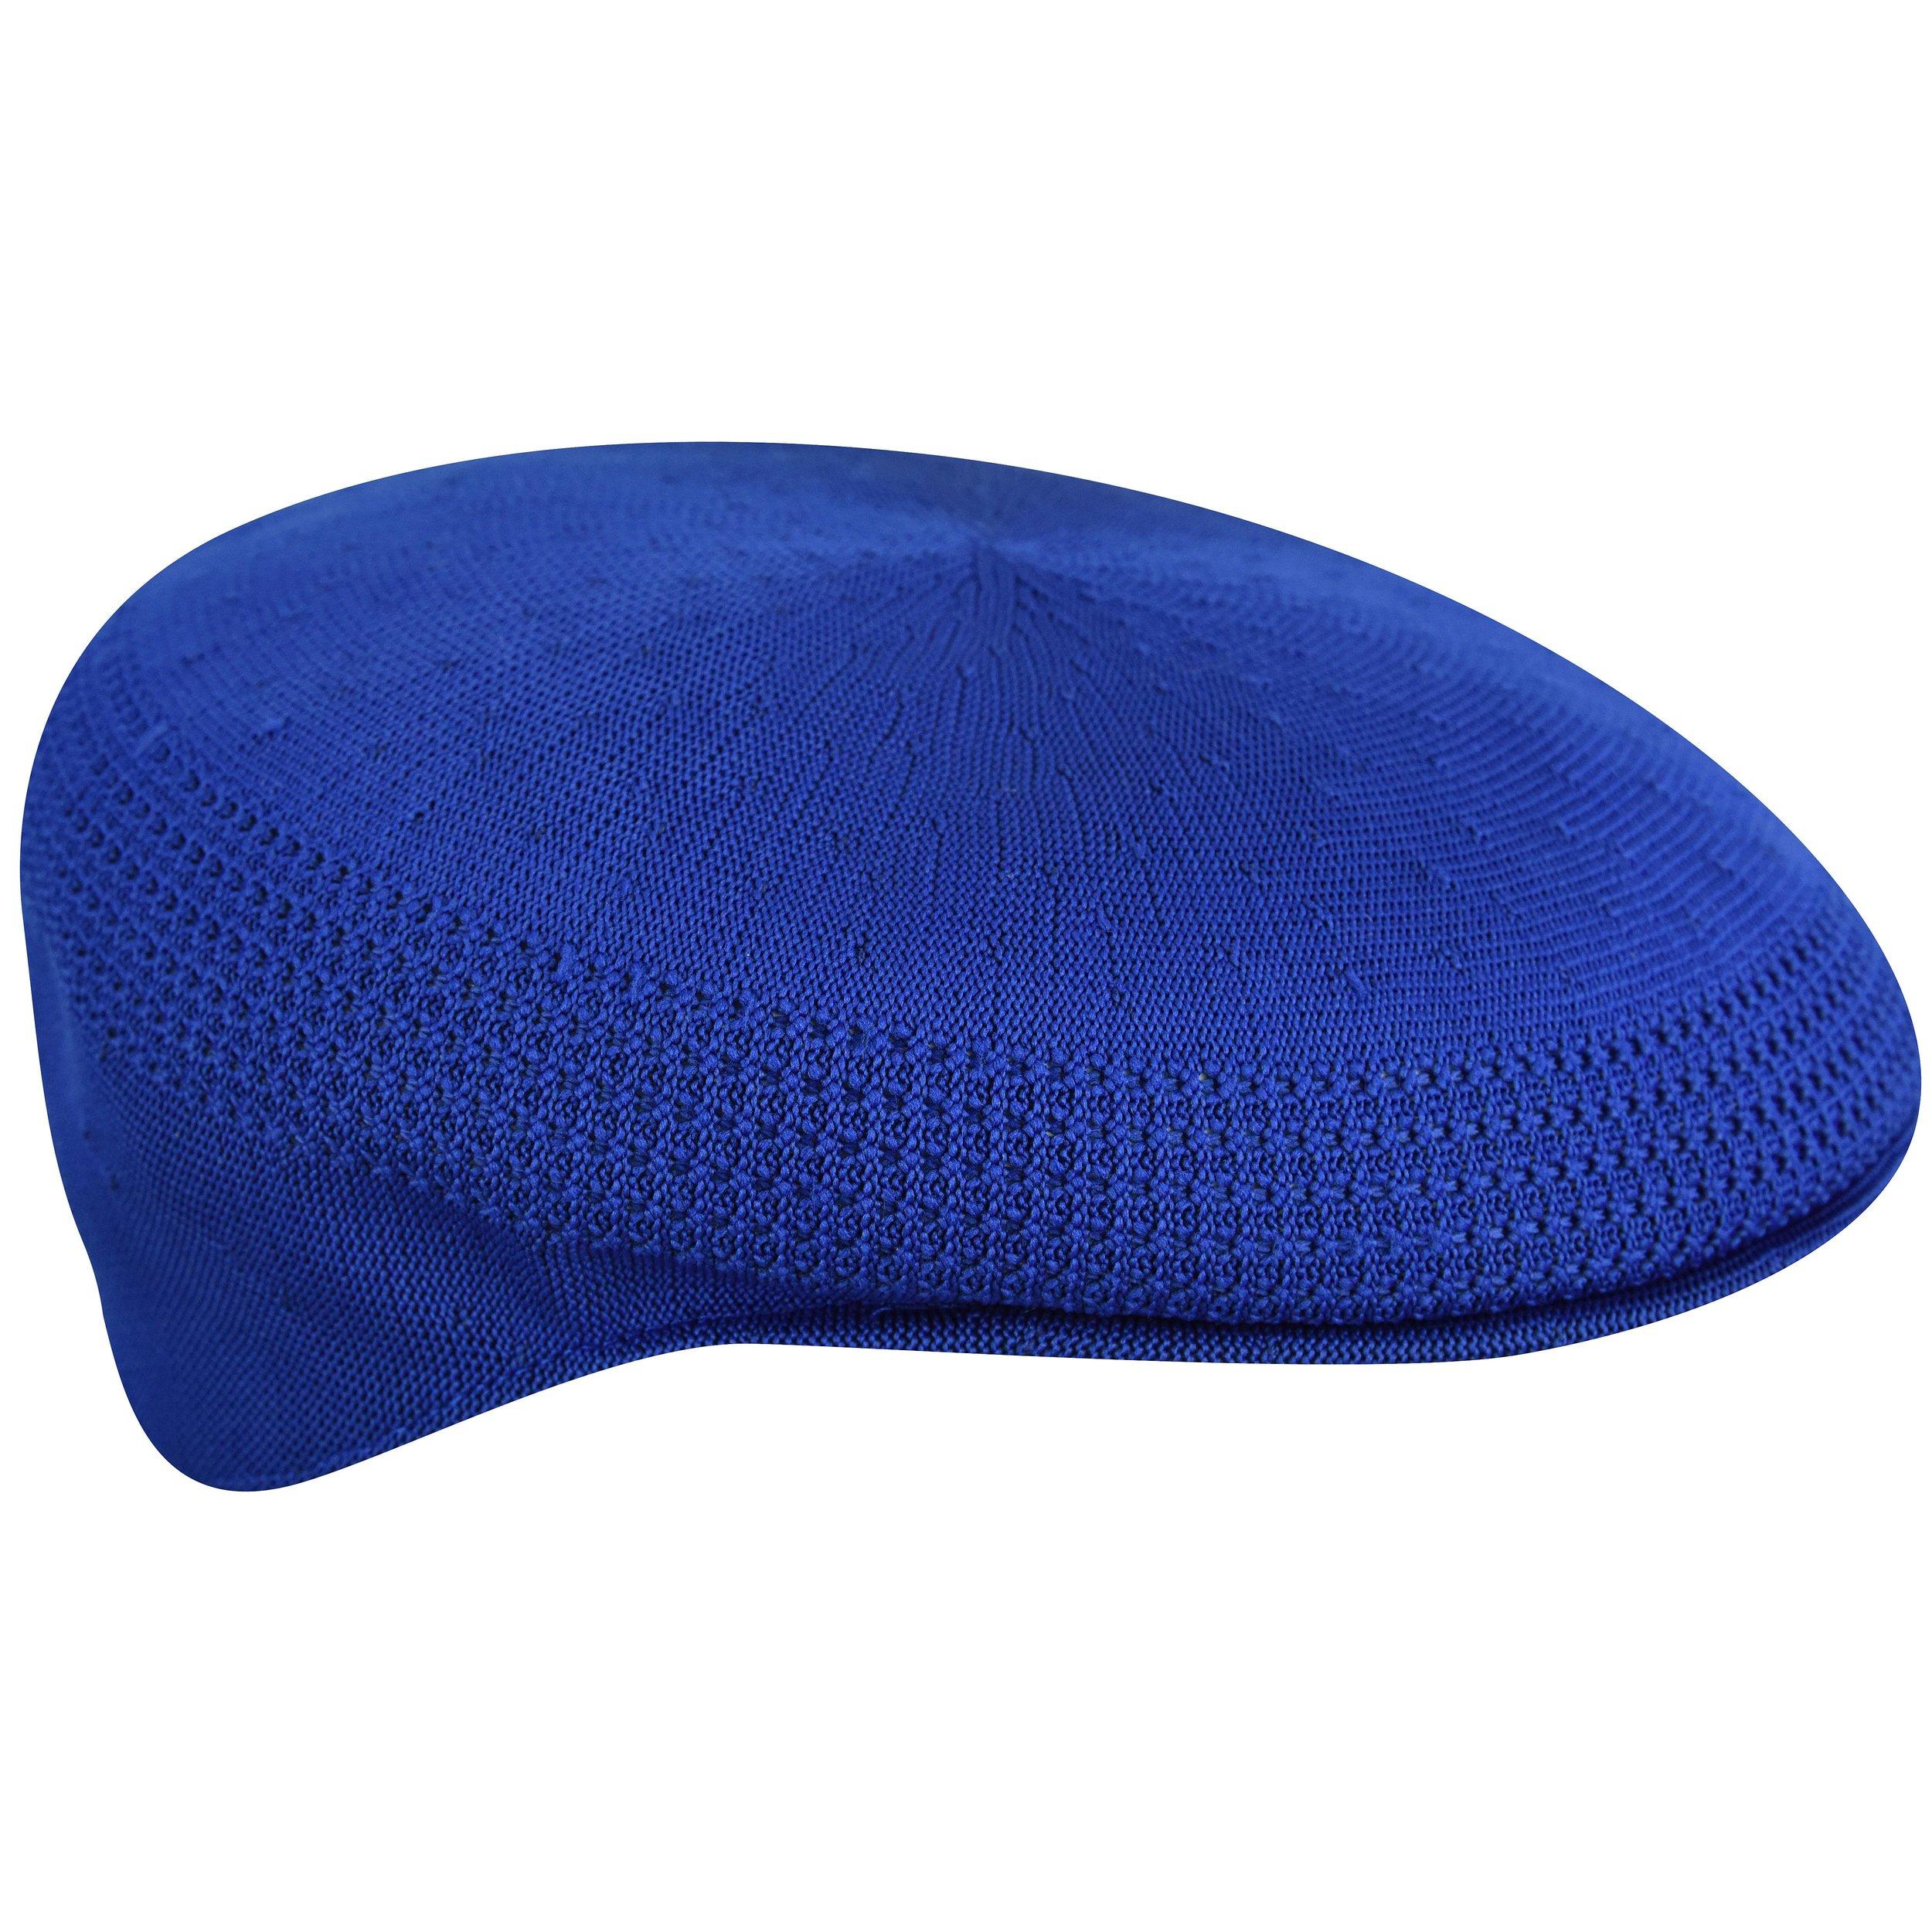 f9c707f23bddc On Time Fashions mens fashion--Tropic 504 Ventair Royal Blue